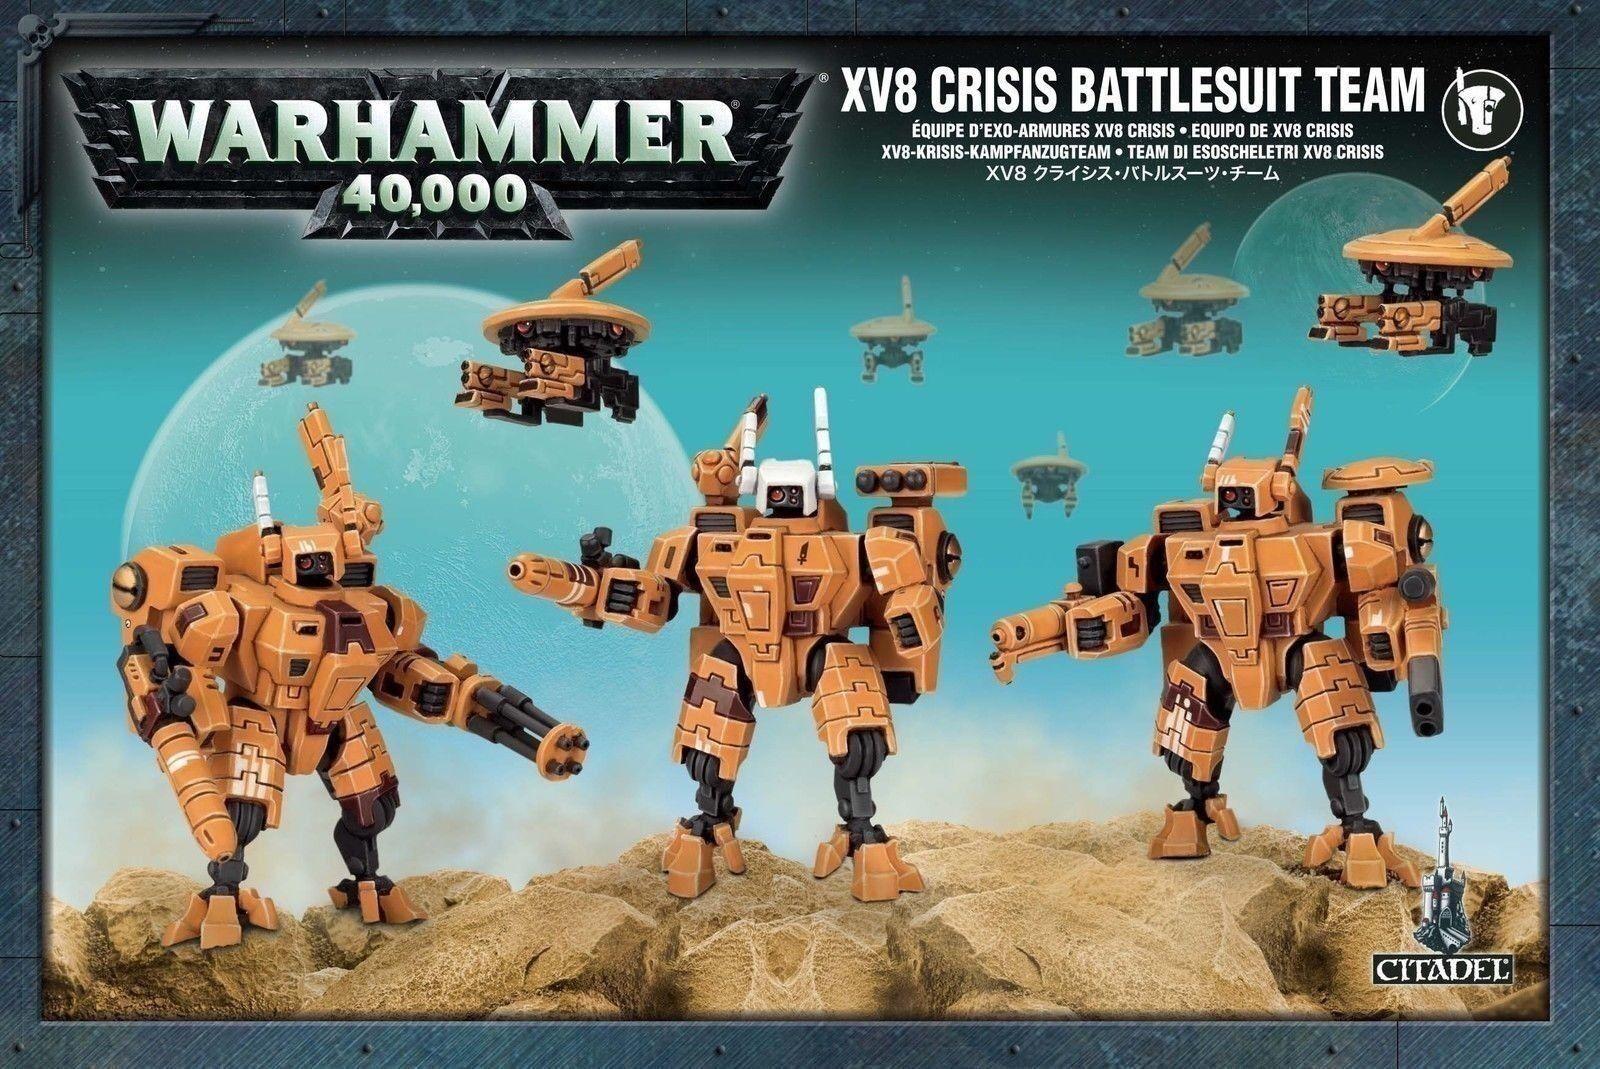 orden en línea Tau XV8 Crisis Battlesuit equipo Warhammer 40,000 Juegos taller taller taller  Garantía 100% de ajuste